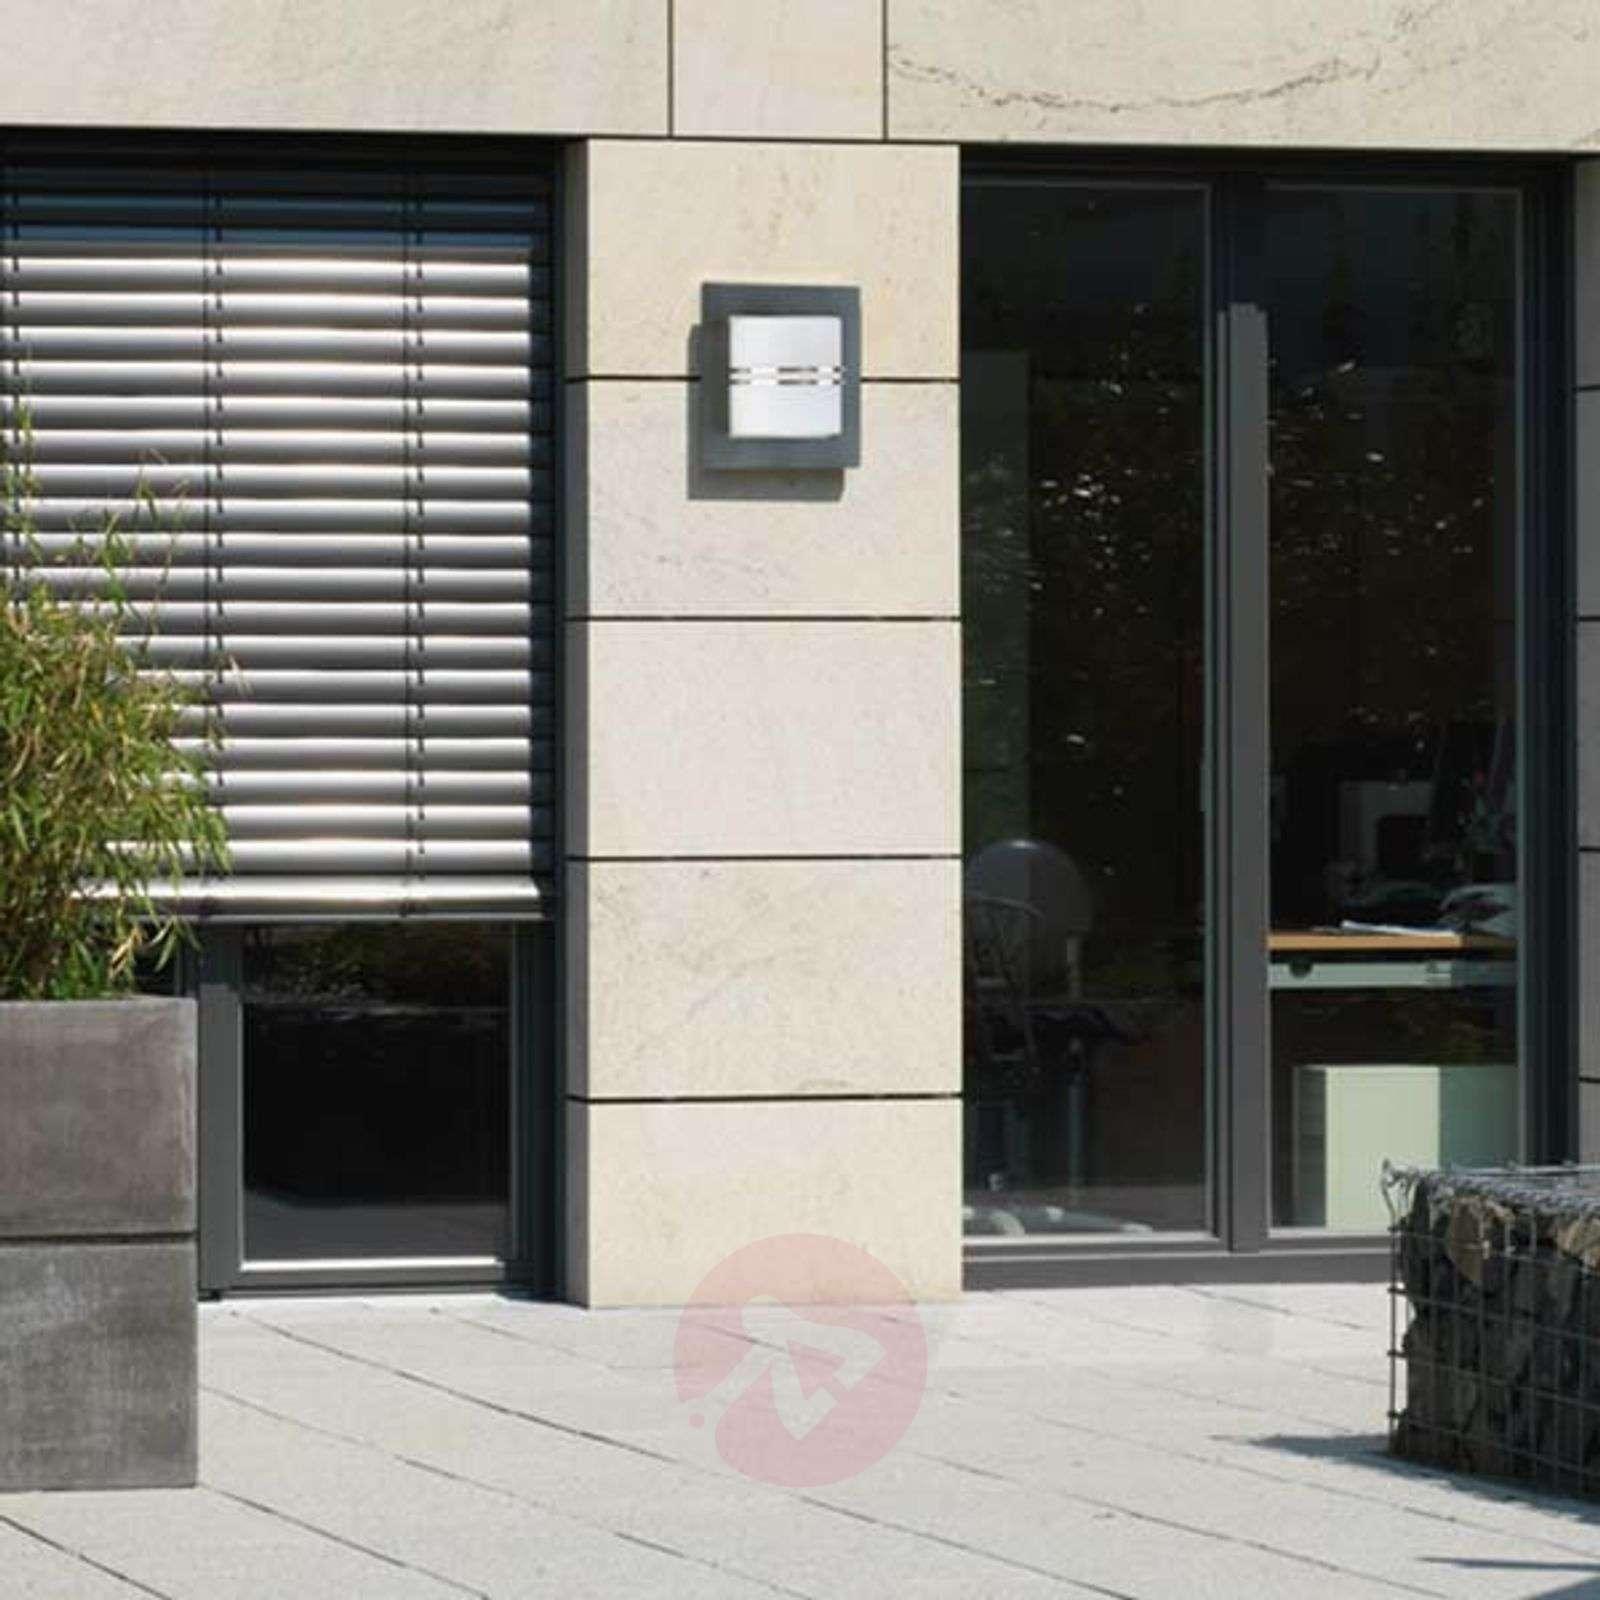 d8de164517d ... Square outdoor wall light Marella-4000022-01